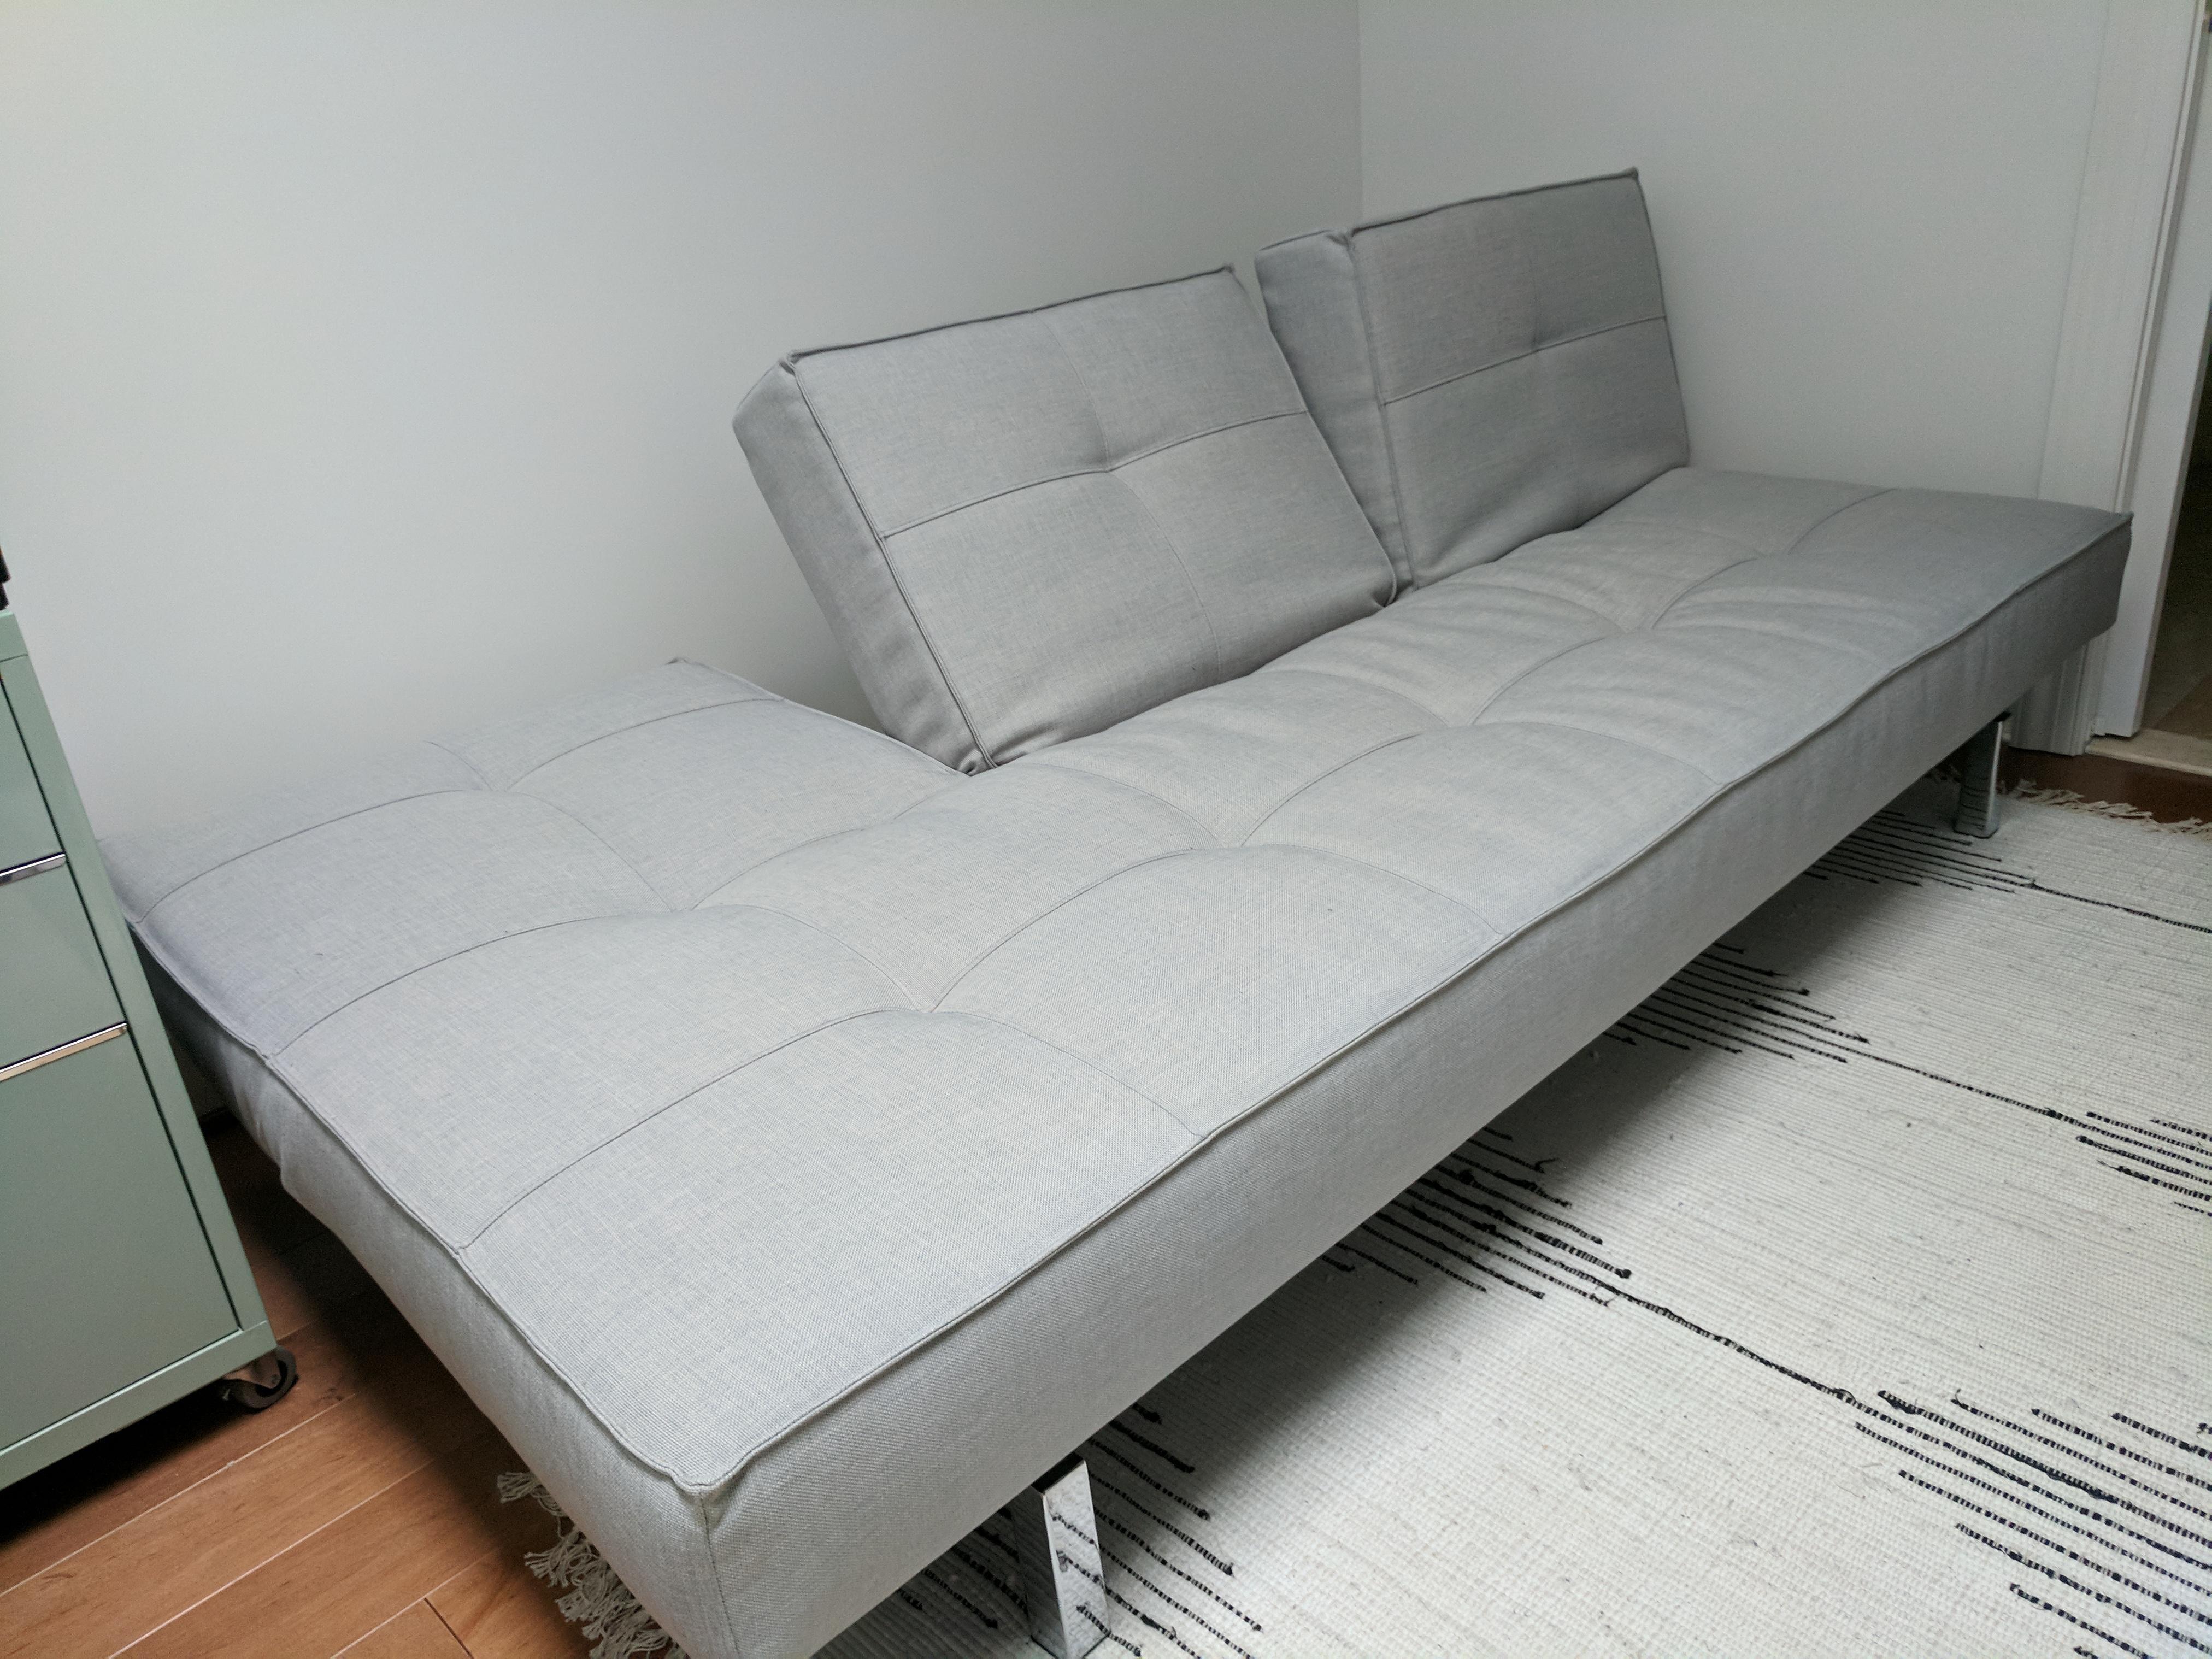 Room U0026 Board Room U0026 Board Eden Convertible Sleeper Sofa For Sale   Image ...